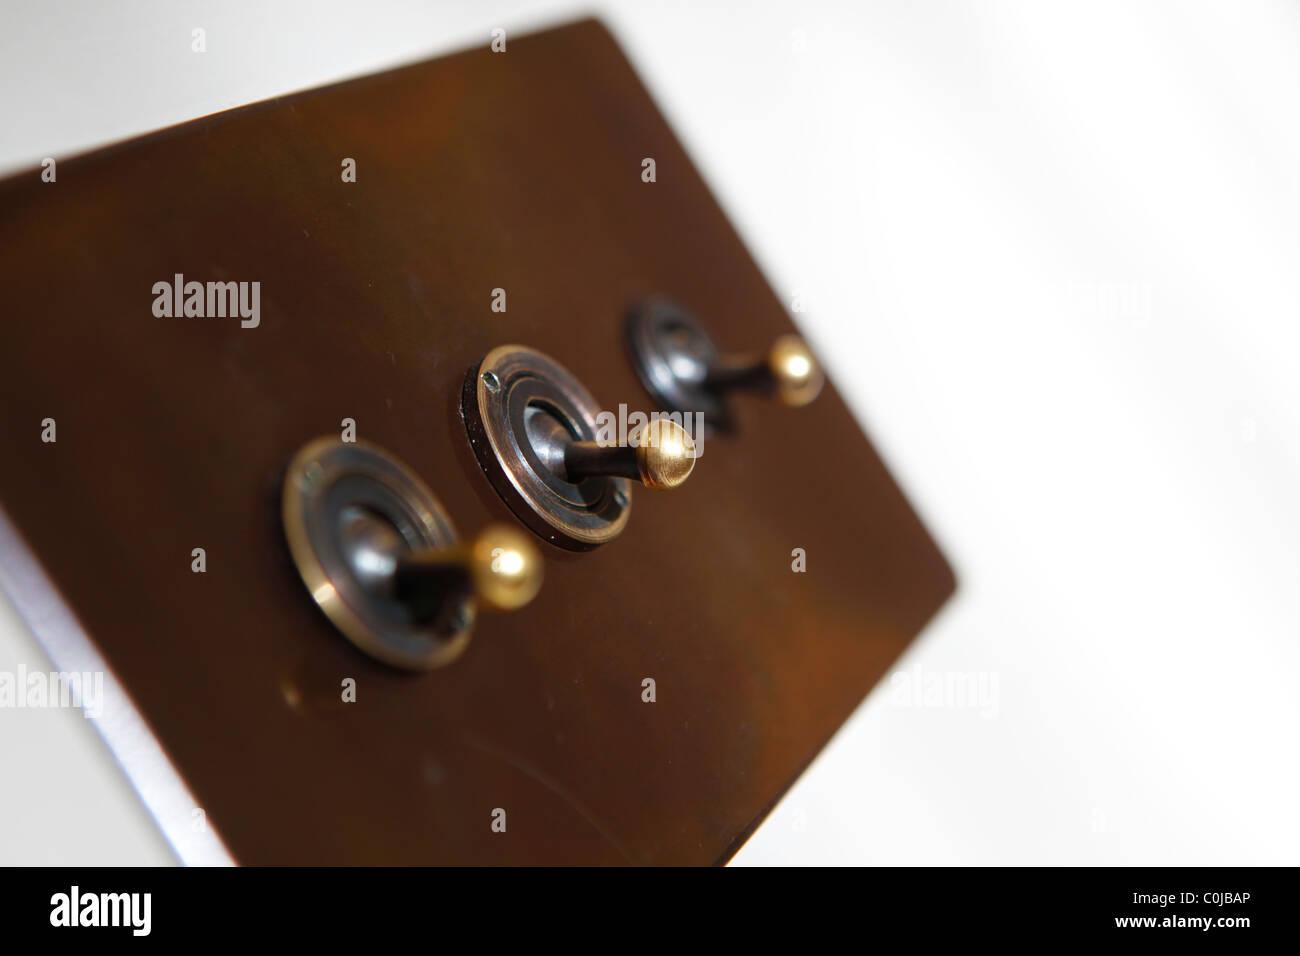 El interruptor de la luz tradicional en una sala en una pared blanca Imagen De Stock